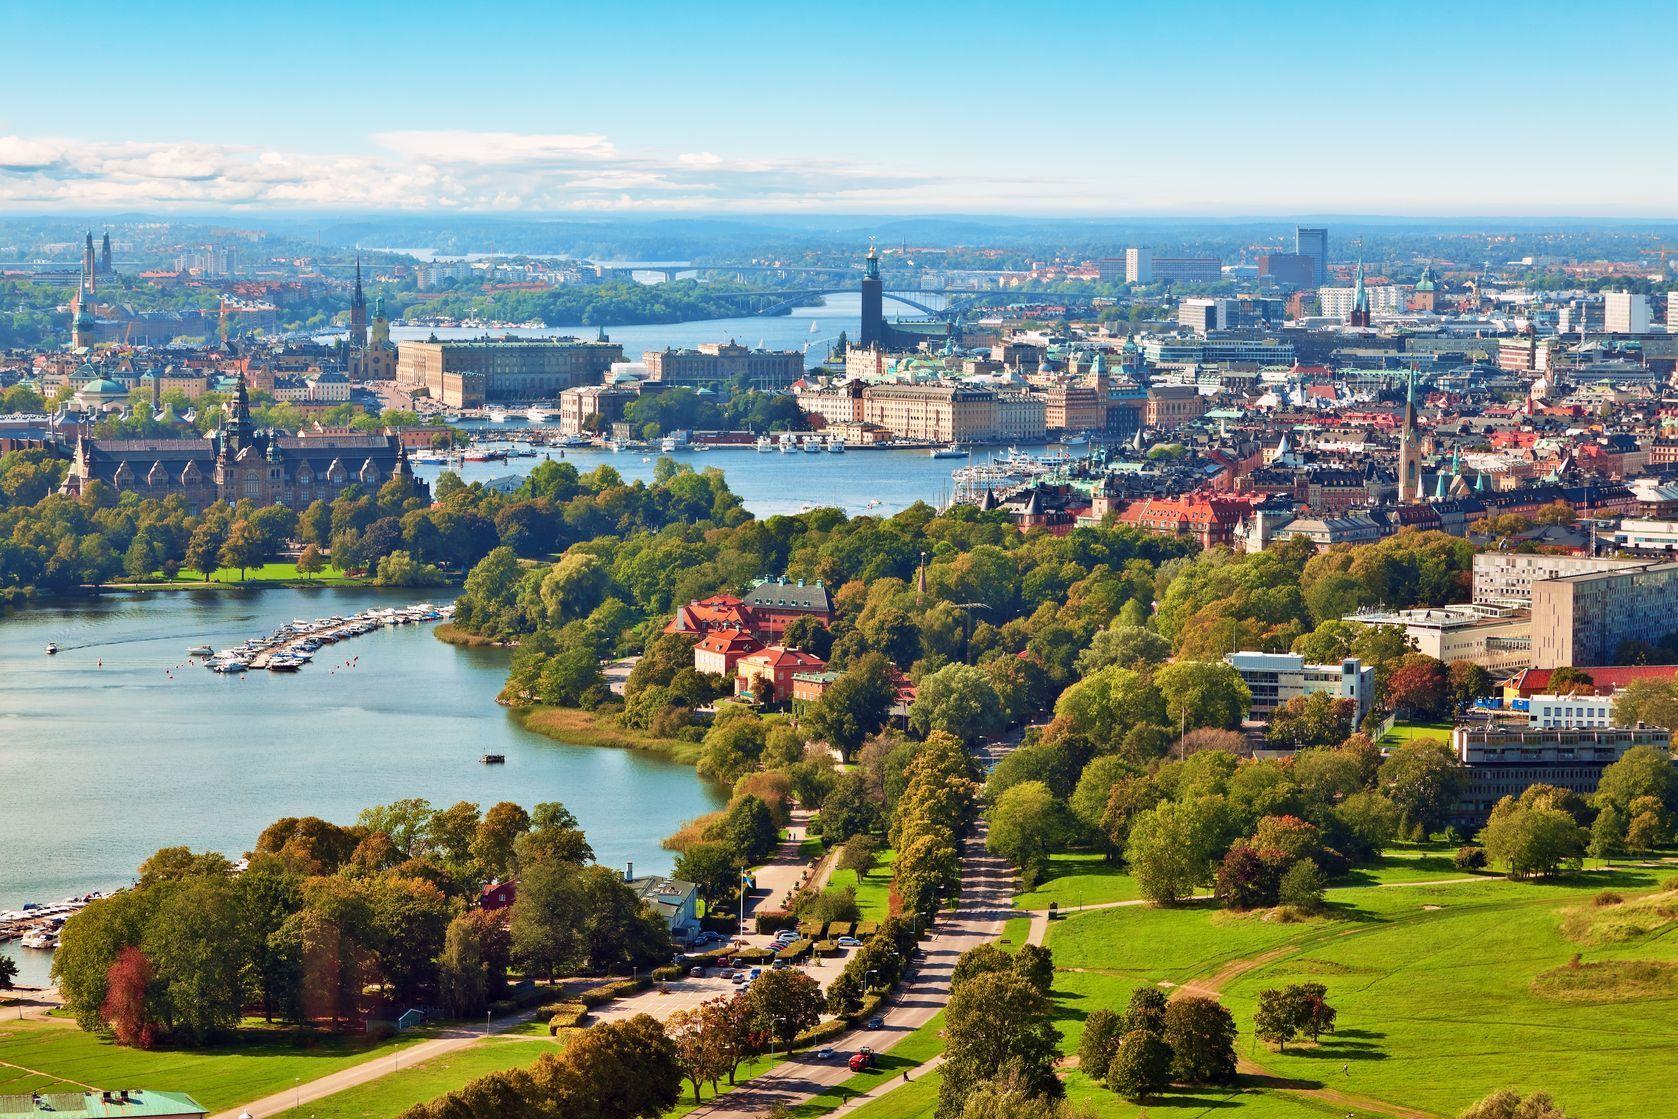 Letecké panorama Stockholmu ve Švédsku | scanrail/123RF.com